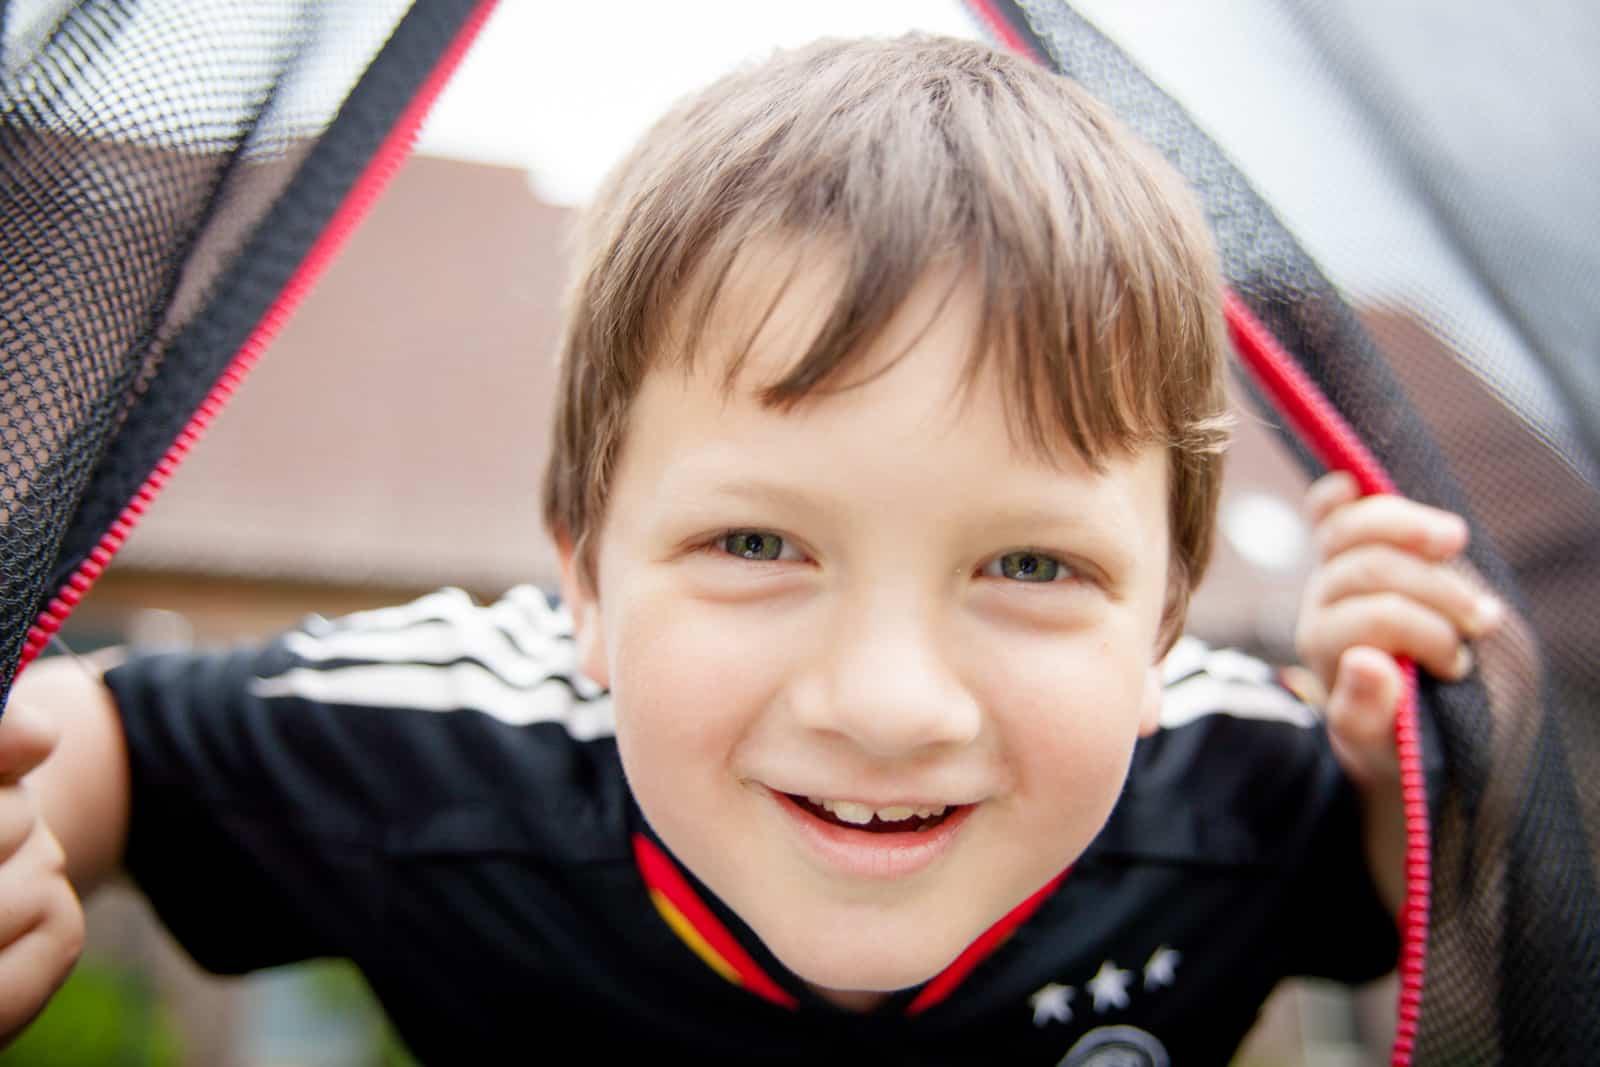 Ein Junge lacht sehr nah in die Kamera